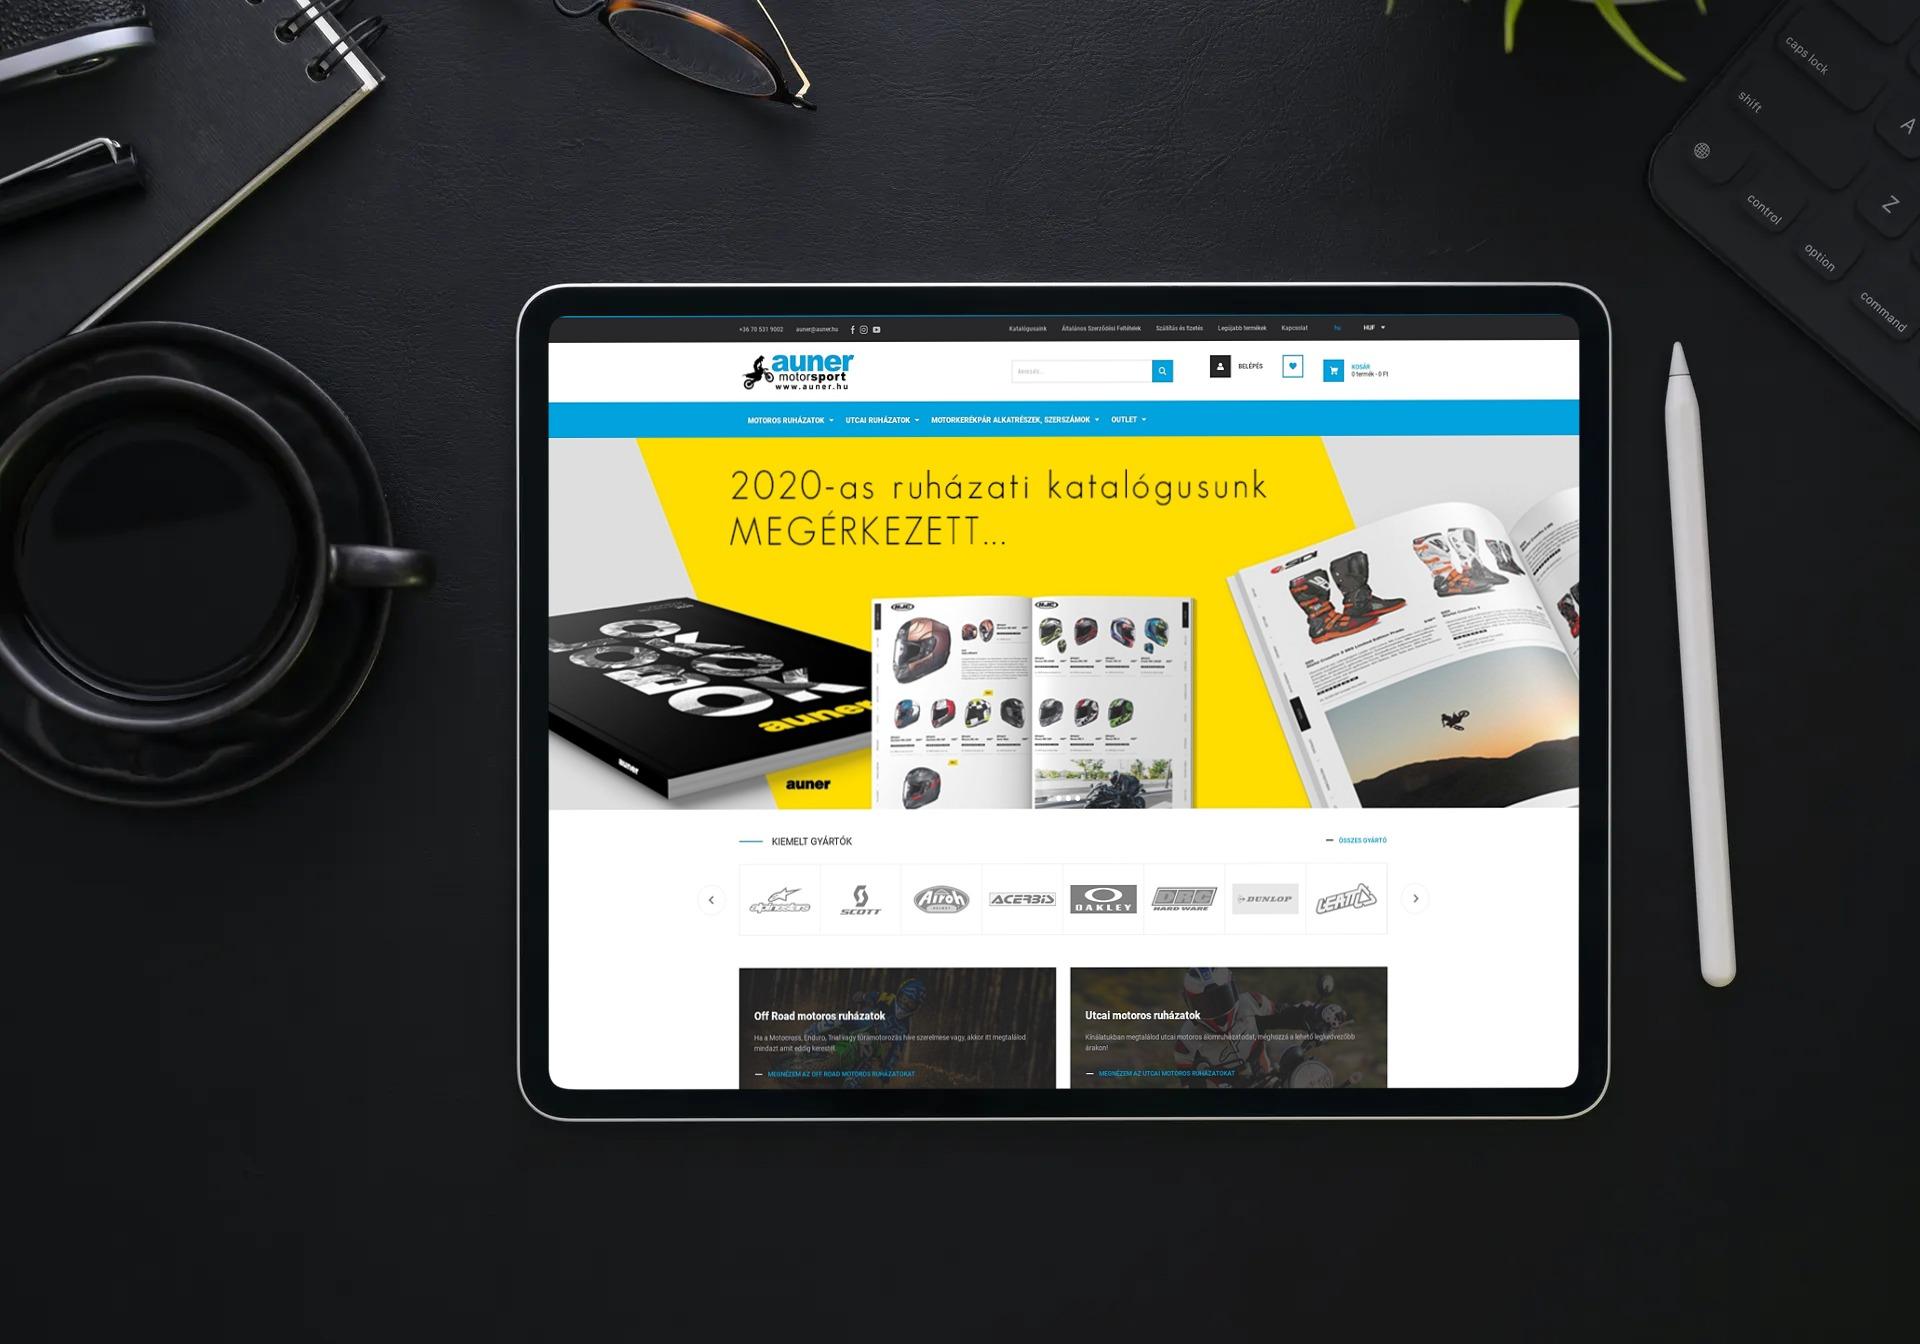 webshop.auner.hu weboldal megjelenése iPaden